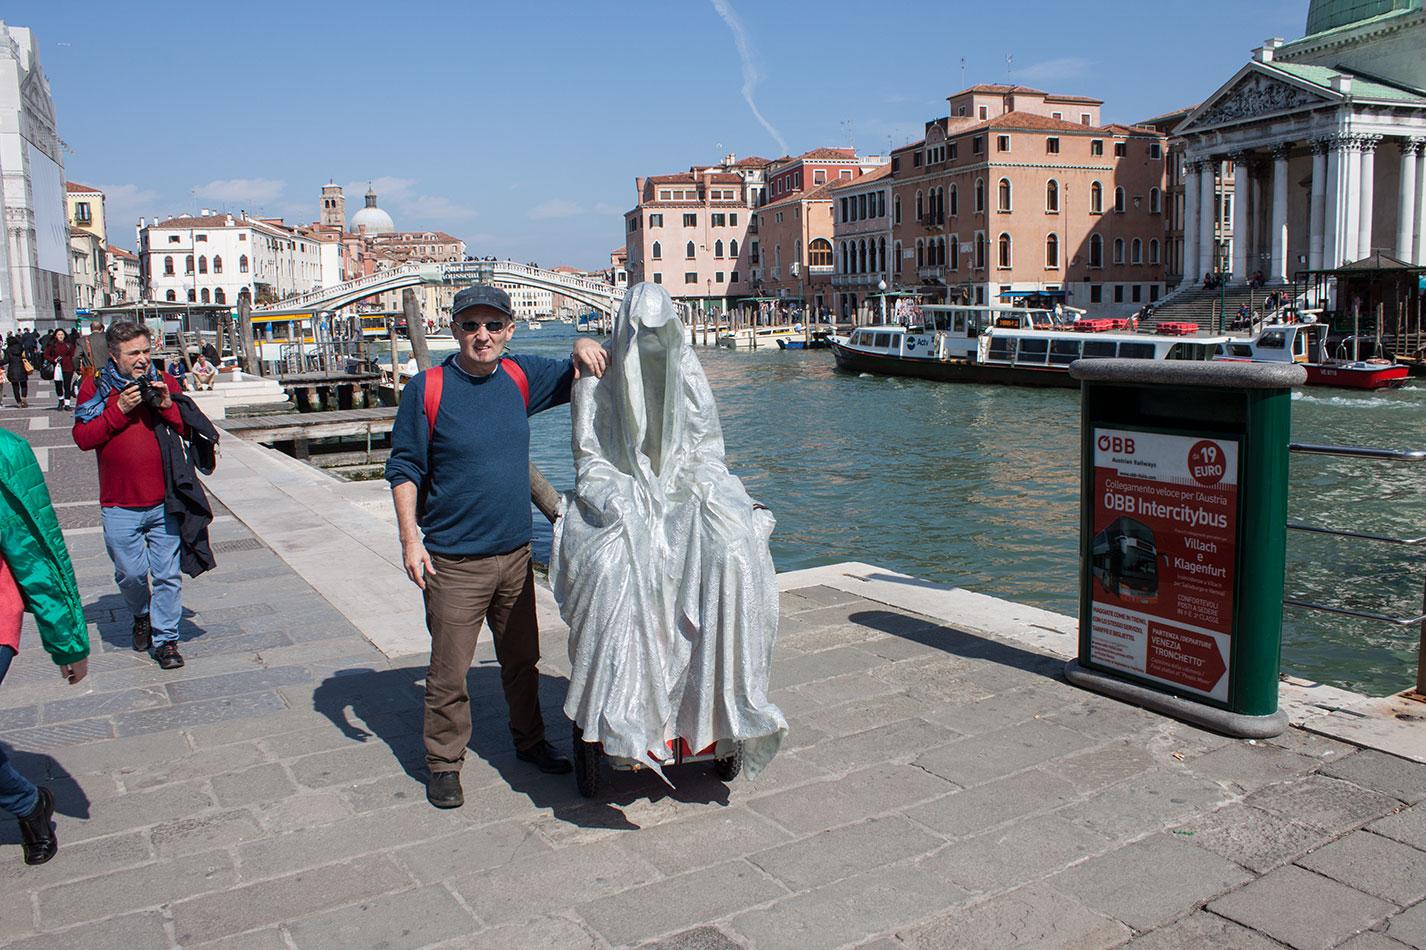 la-biennale-venezia-arte-venice-guardians-of-time-manfred-kili-kielnhofer-contemporary-art-arts-design-sculpture-performance-show-7985